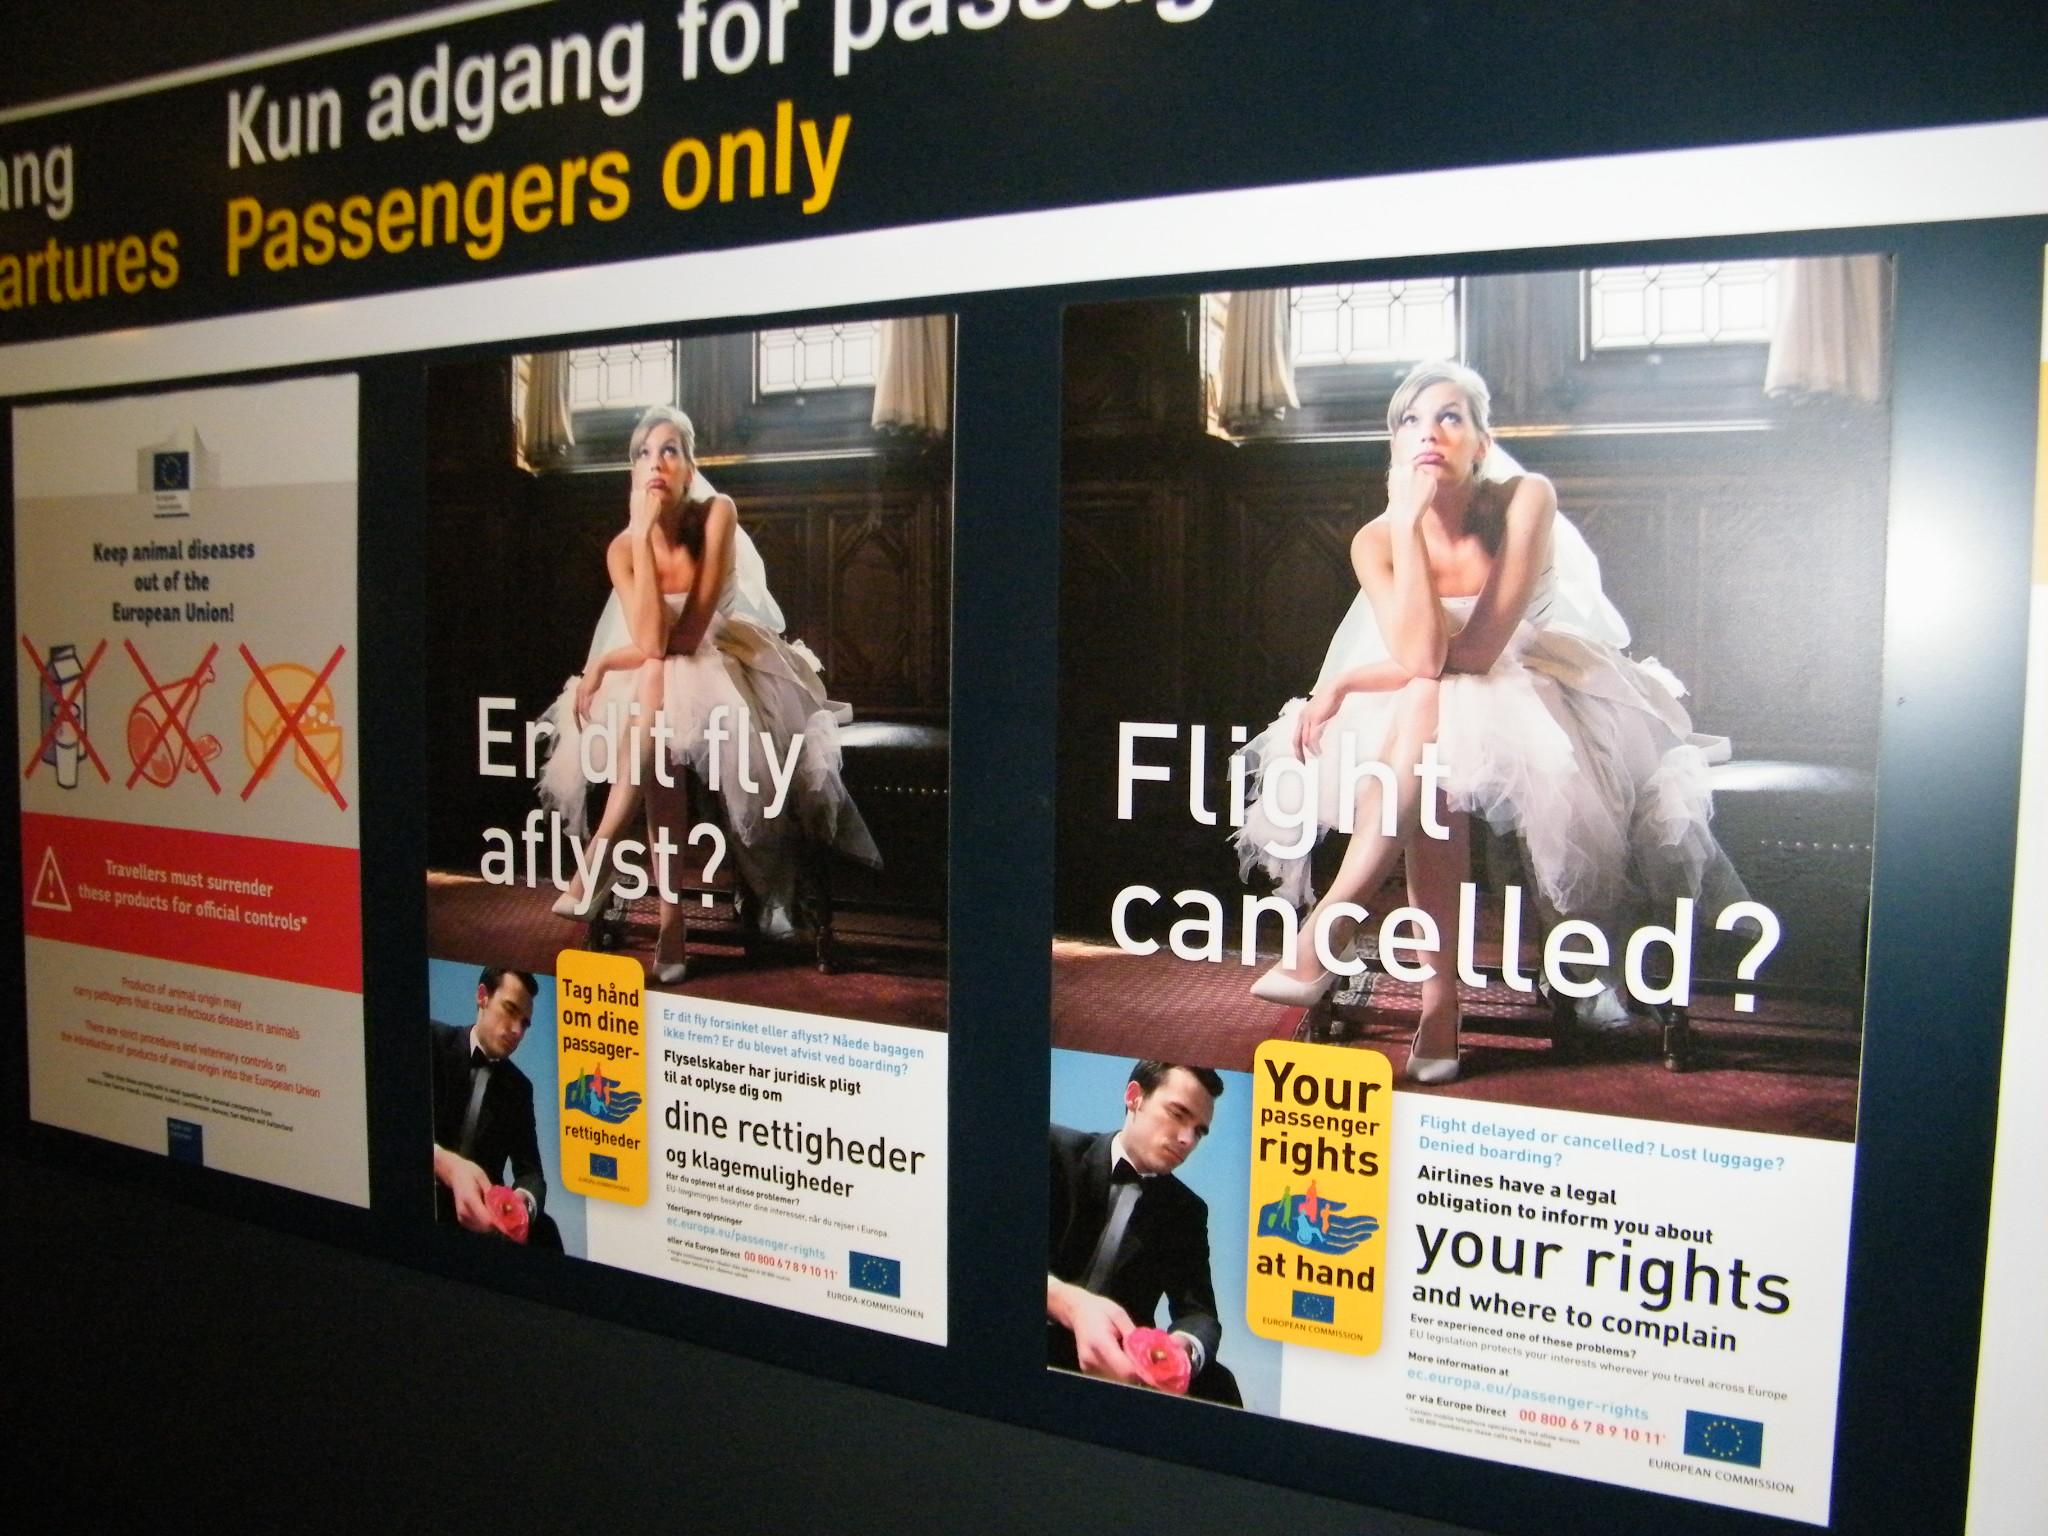 Over halvdelen af det samlede antal klager til Forbruger Europas danske kontor sidste år drejede sig om luftfart. Langt de fleste klager var om corona-relaterede flyaflysninger. Arkivfoto: Henrik Baumgarten.